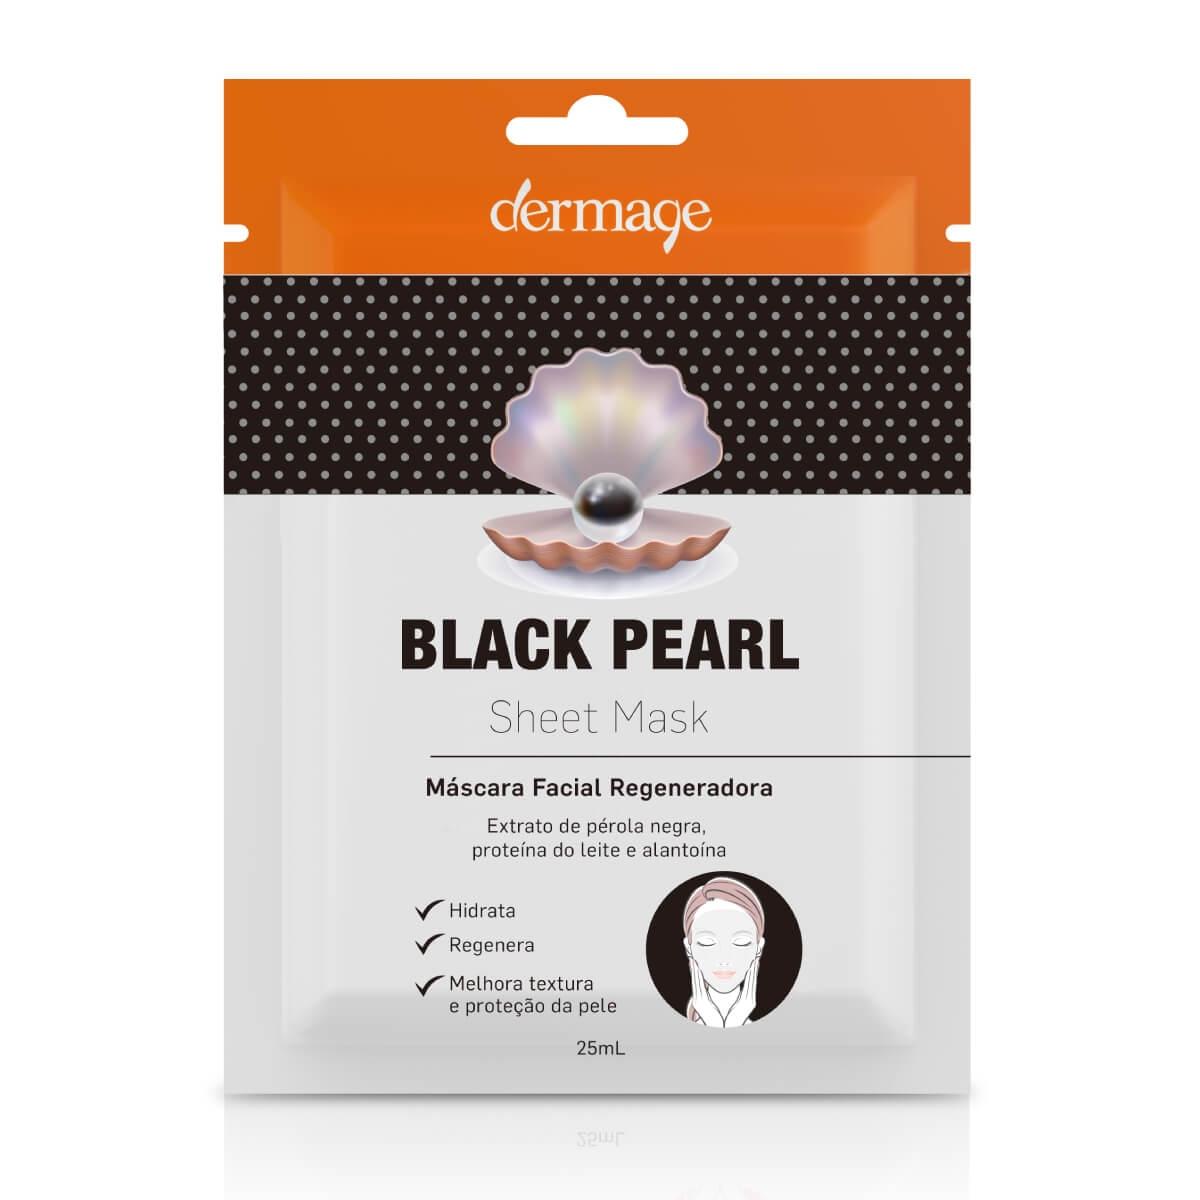 Máscara Facial Regeneradora Dermage Black Pearl Sheet 25ml